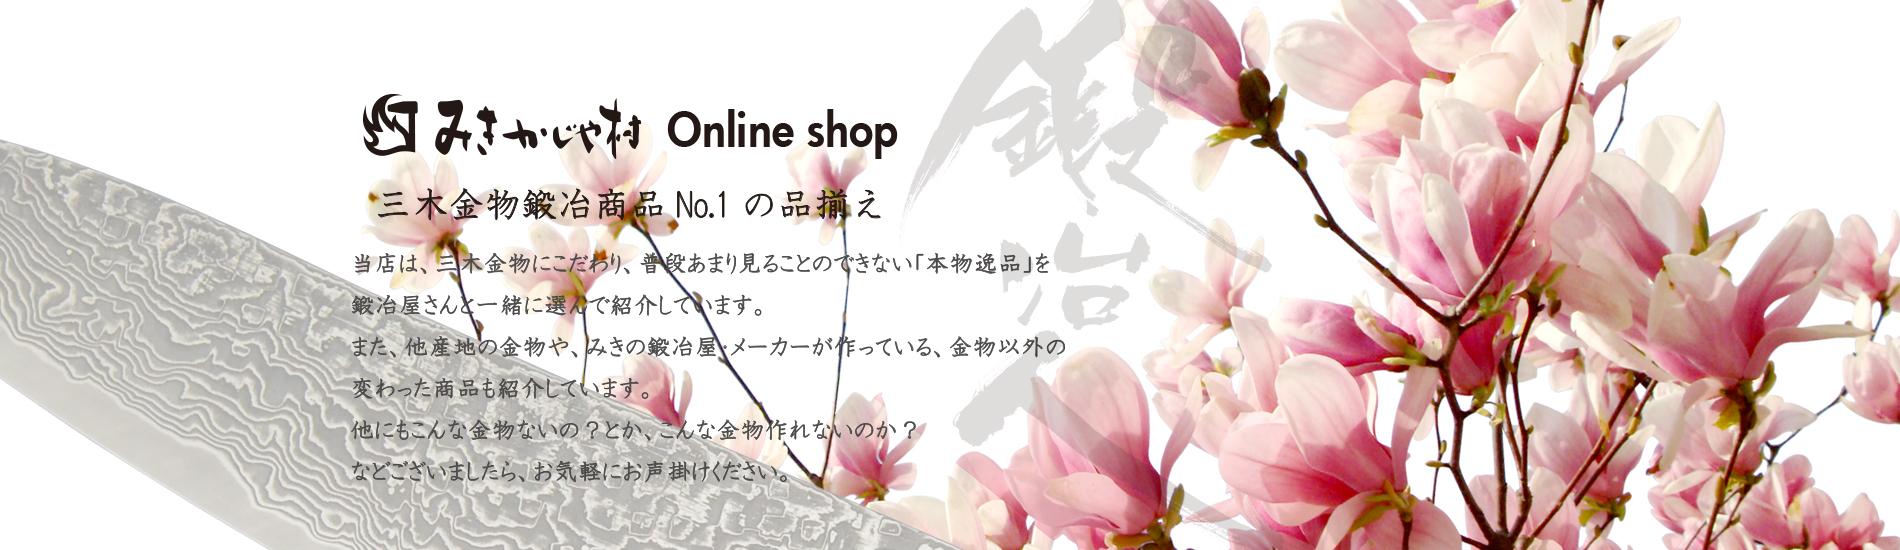 みきかじや村 Online shop